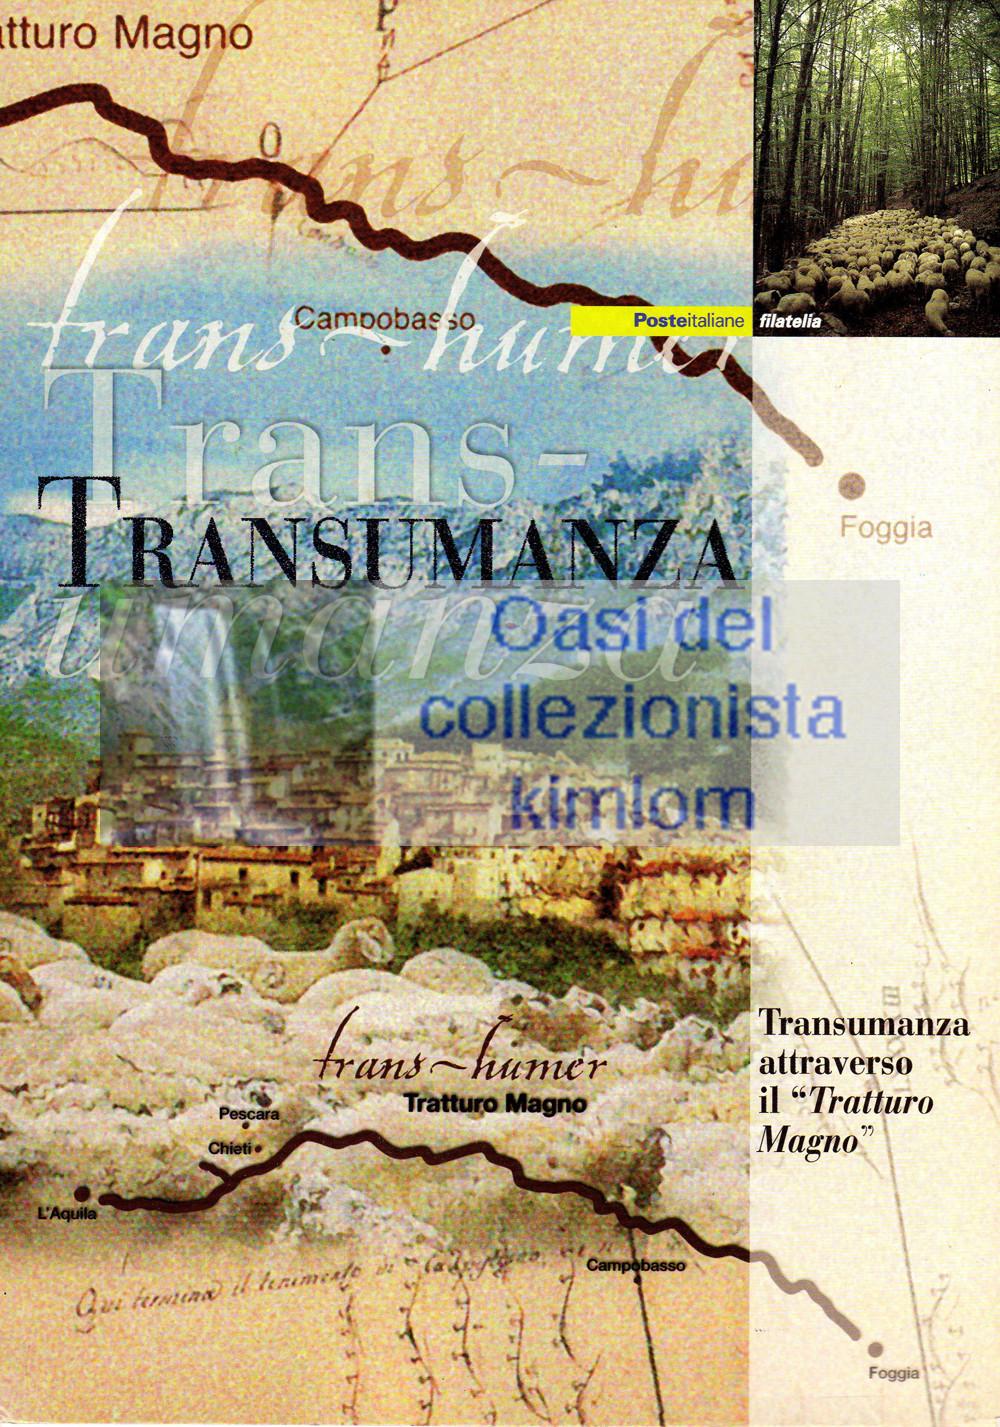 """folder - Transumanza attraverso il """"Tratturo Magno"""""""